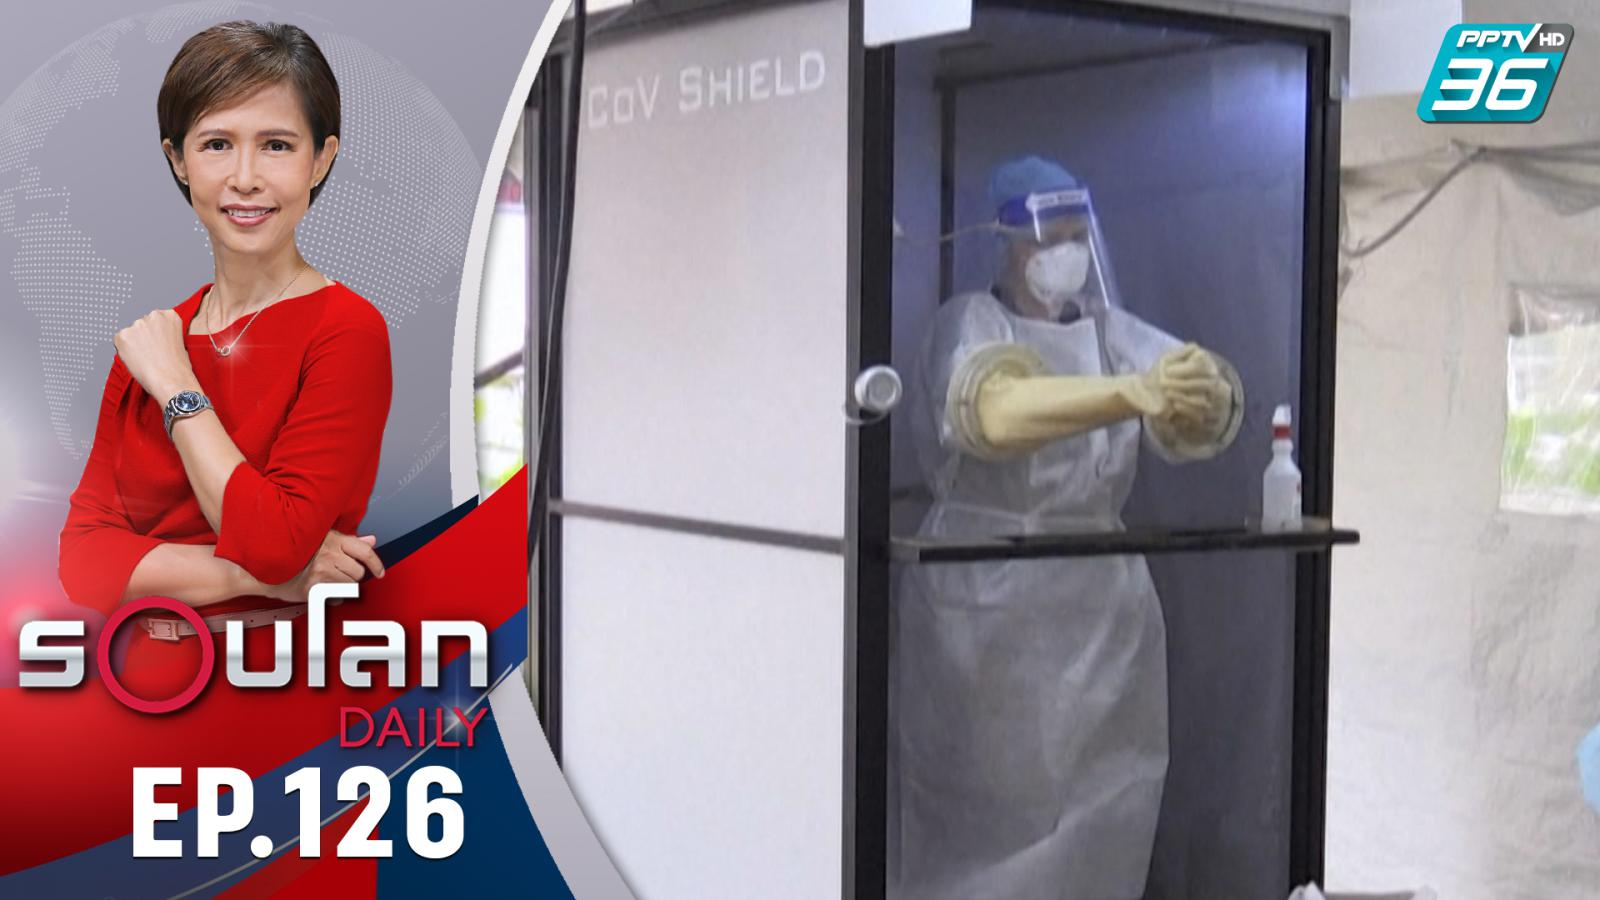 พบการระบาดขนาดใหญ่ ที่โรงงานผลิตถุงมือในมาเลเซีย | 14 ธ.ค. 63 | รอบโลก DAILY